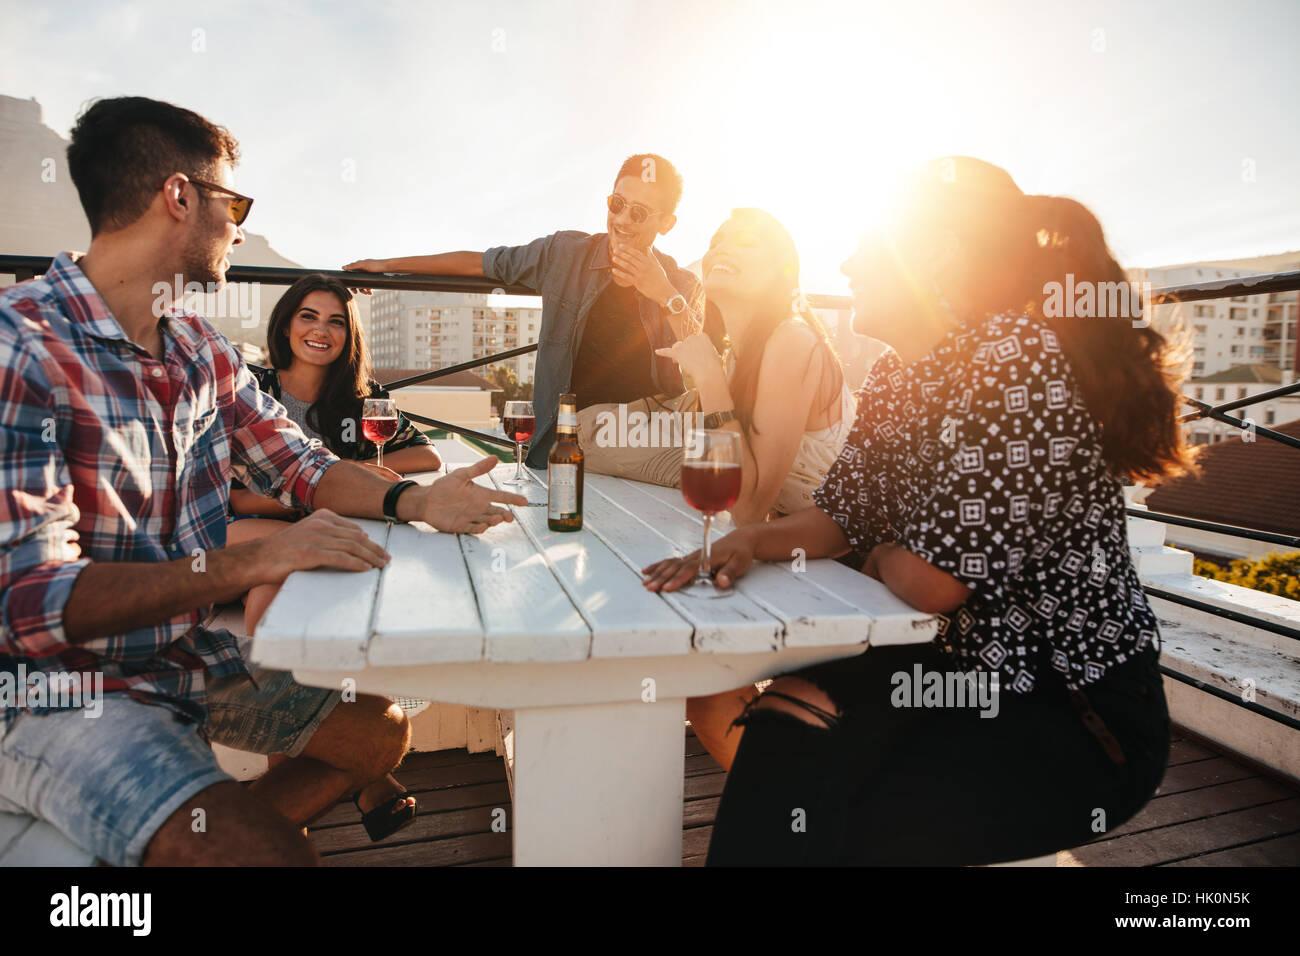 Groupe de jeunes gens assis autour d'une table avec des boissons. Les jeunes hommes et femmes ayant des parties Photo Stock